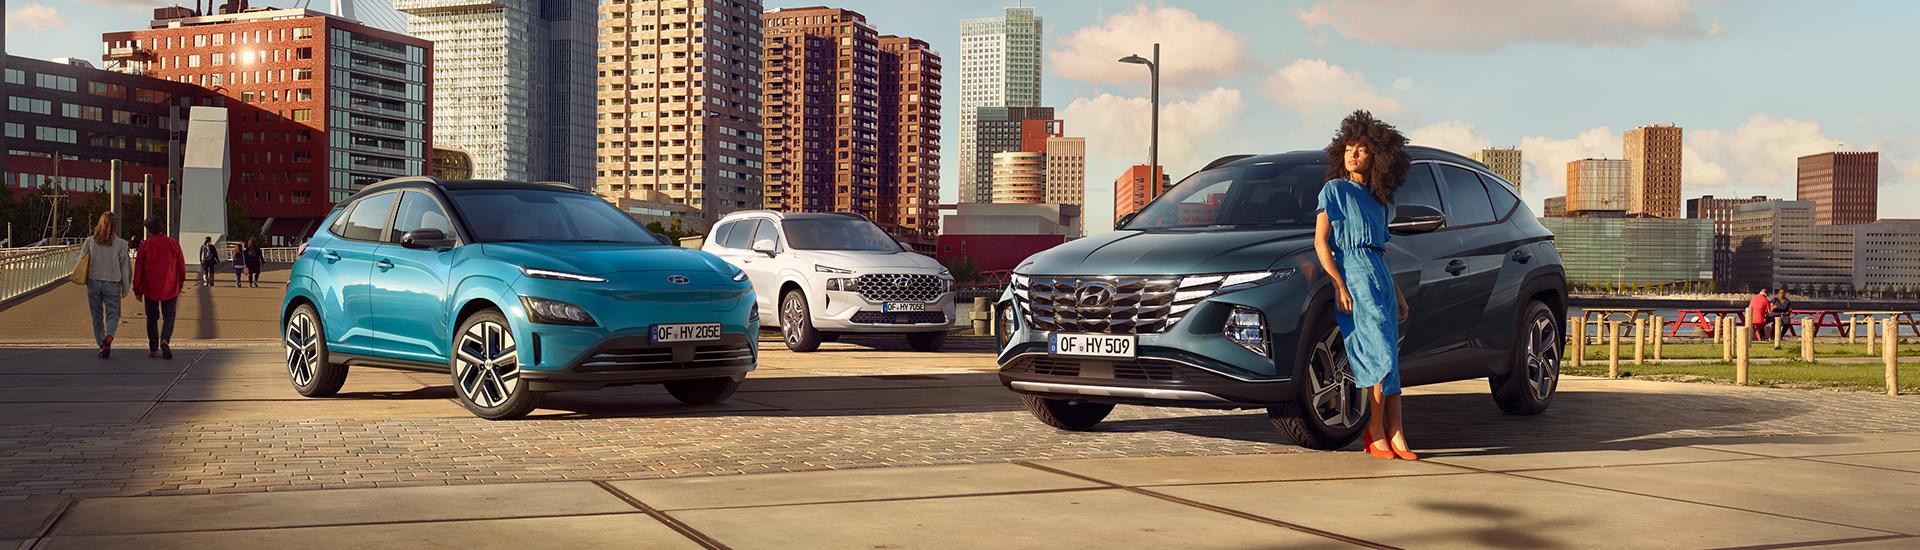 Hyundai SUV-Familie Panorama